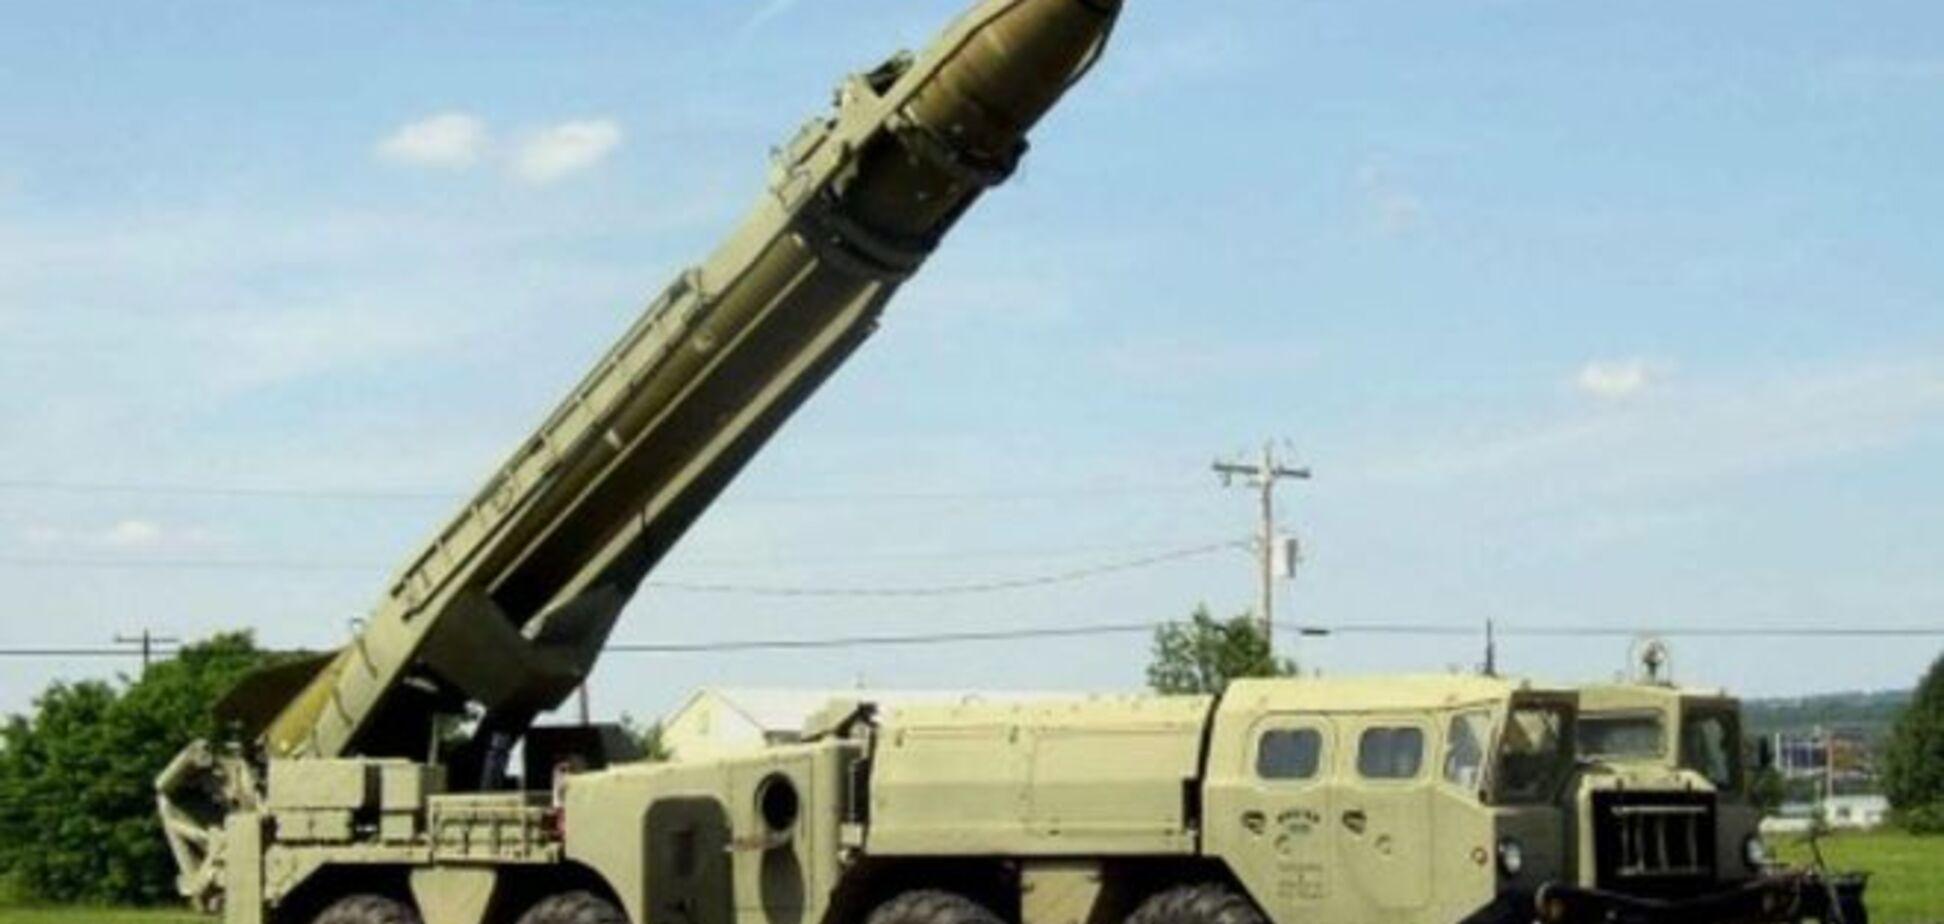 Через 5 лет ядерное оружие России не будет представлять угрозы для США